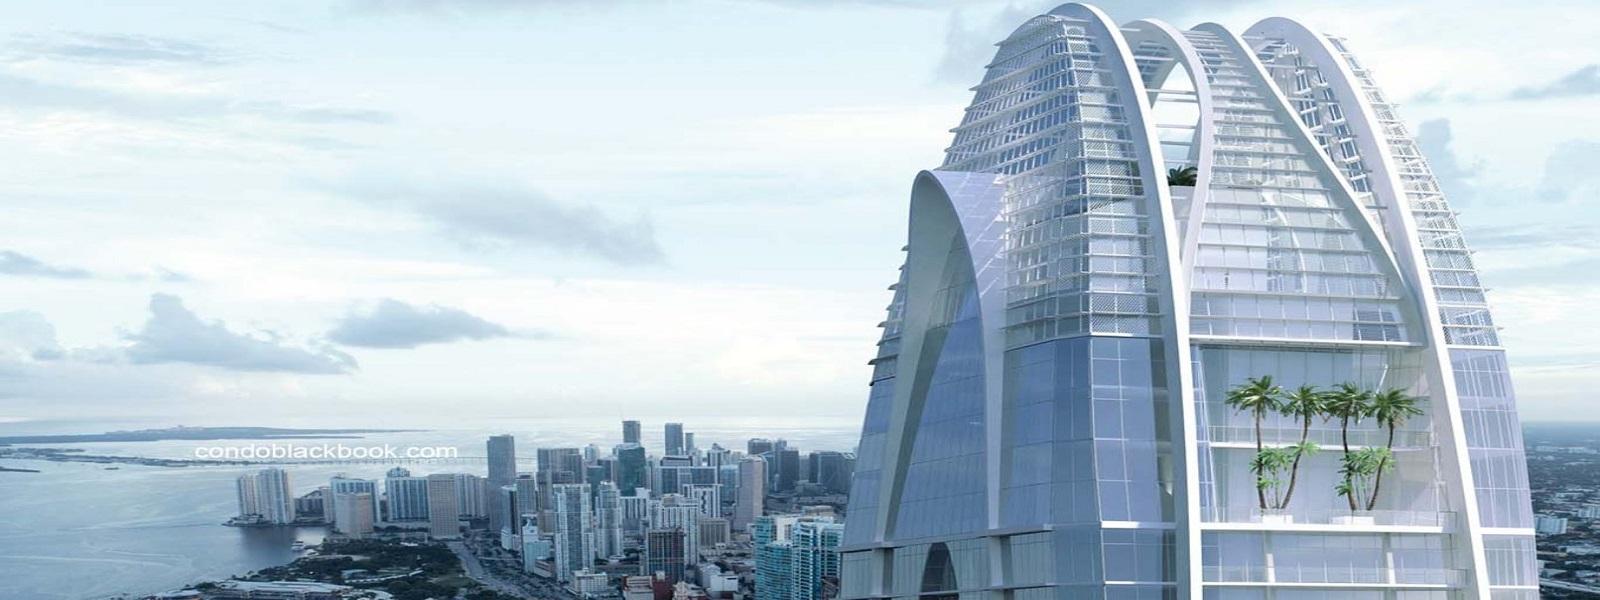 okan tower_miami_downtown-miami_okan-tower_image_100148755_acad_